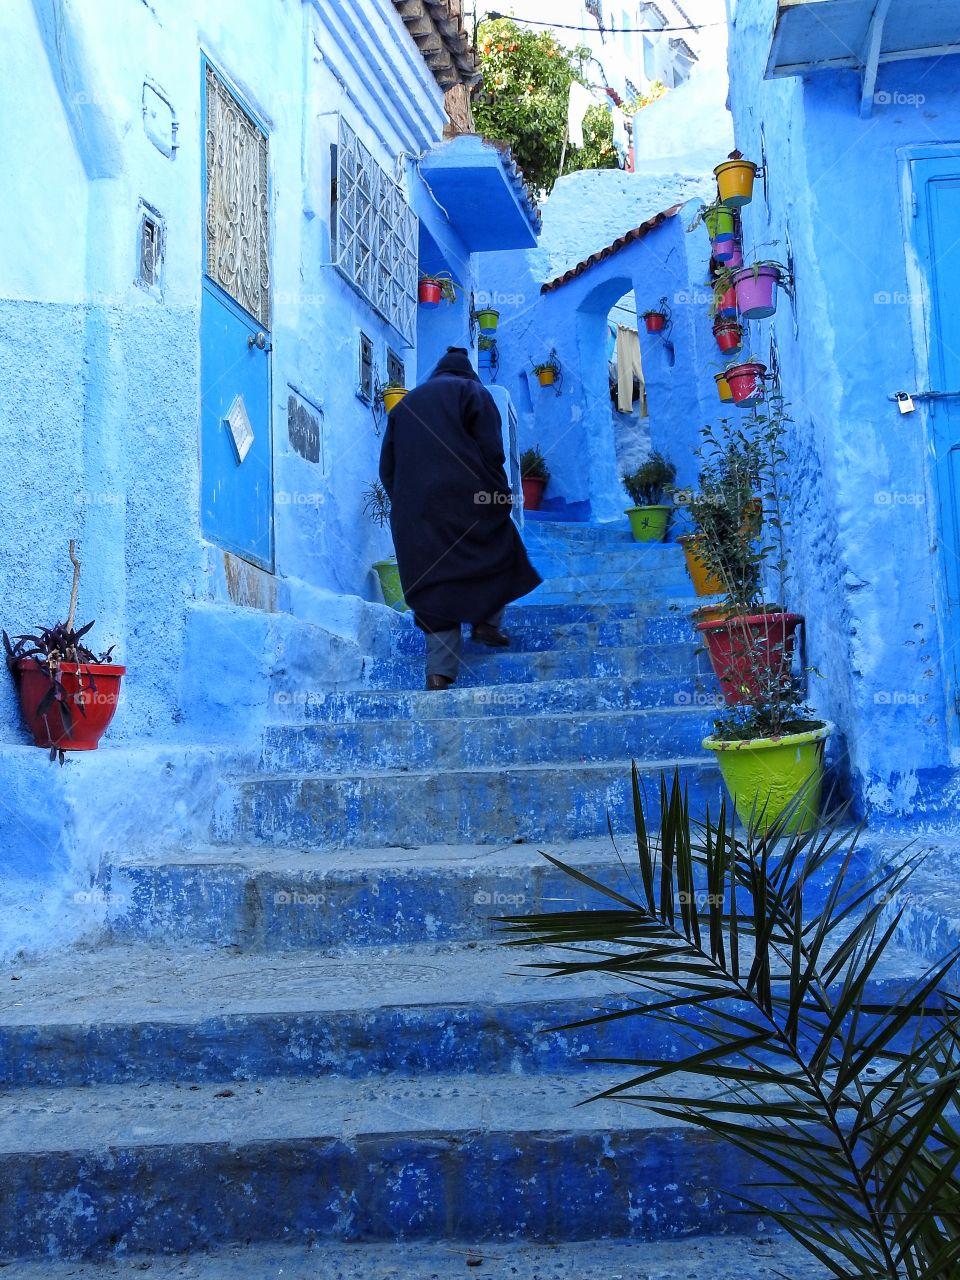 Man walking the stairs